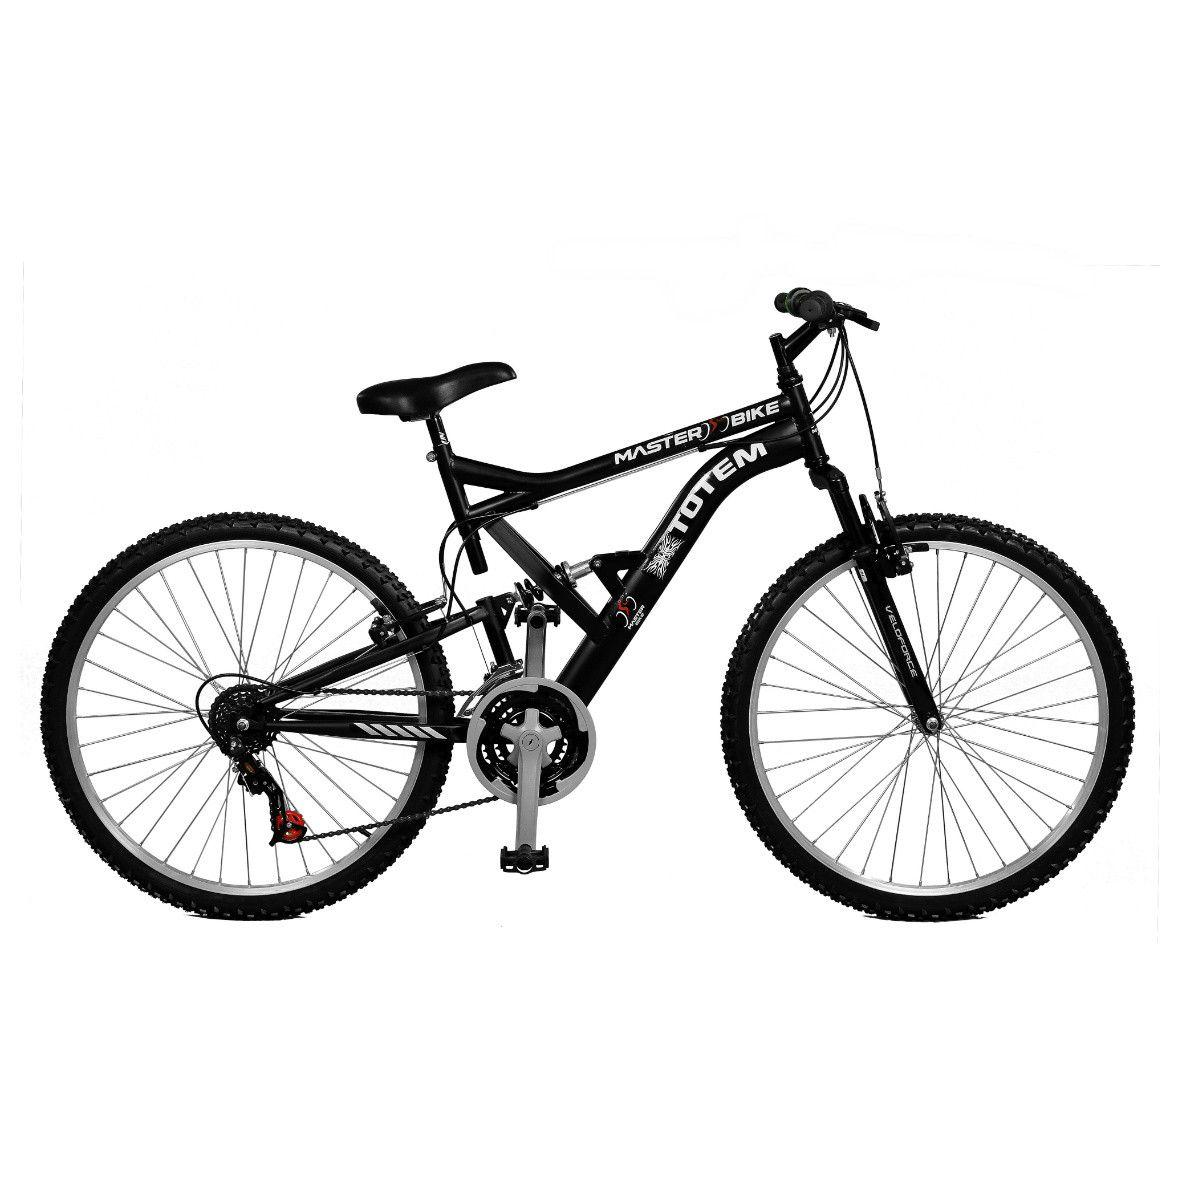 Bicicleta Master Bike Aro 26 Totem S 18 Marchas V-Brake Preto